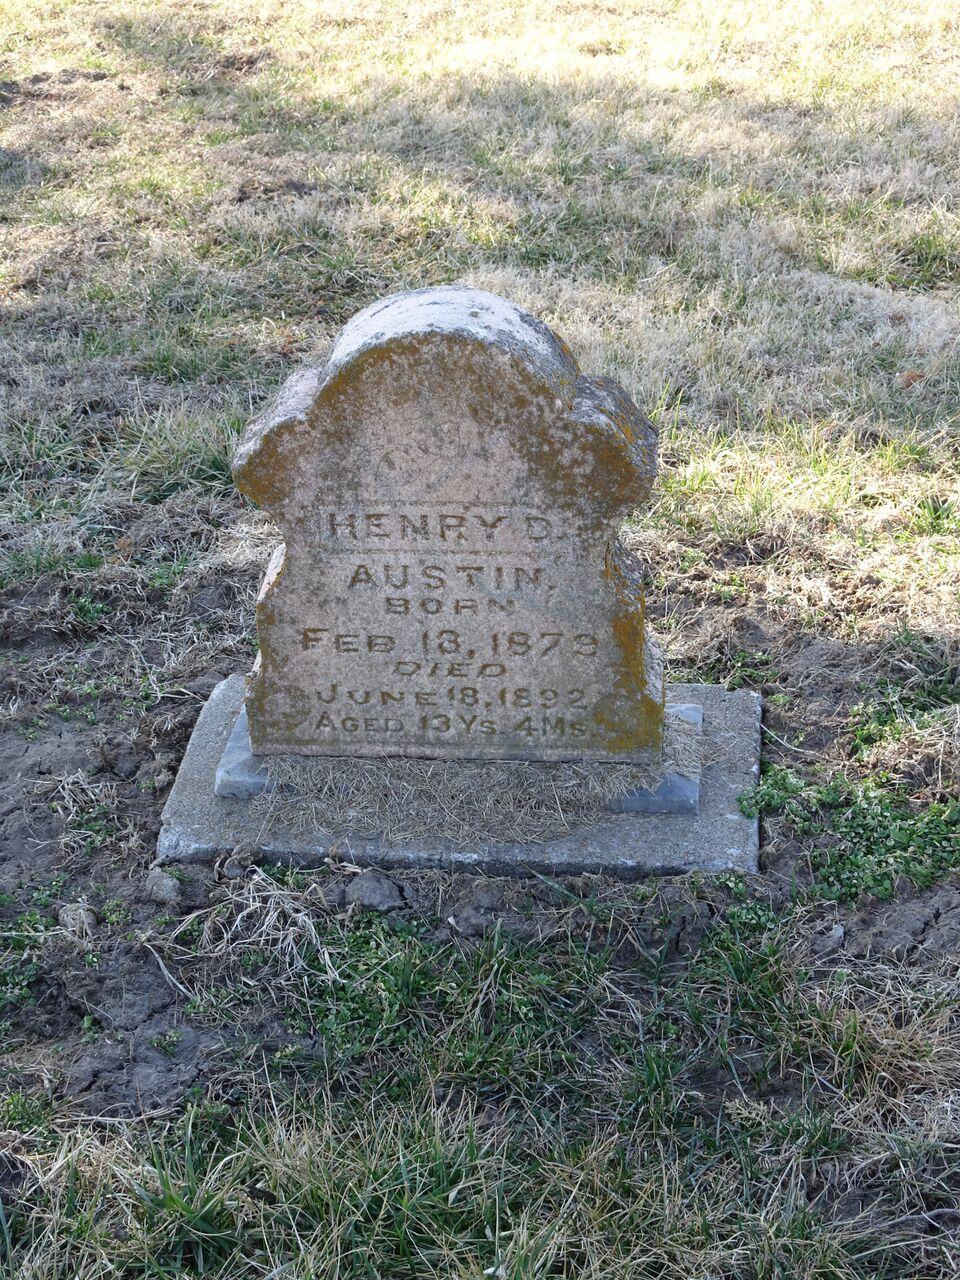 Henry D Austin